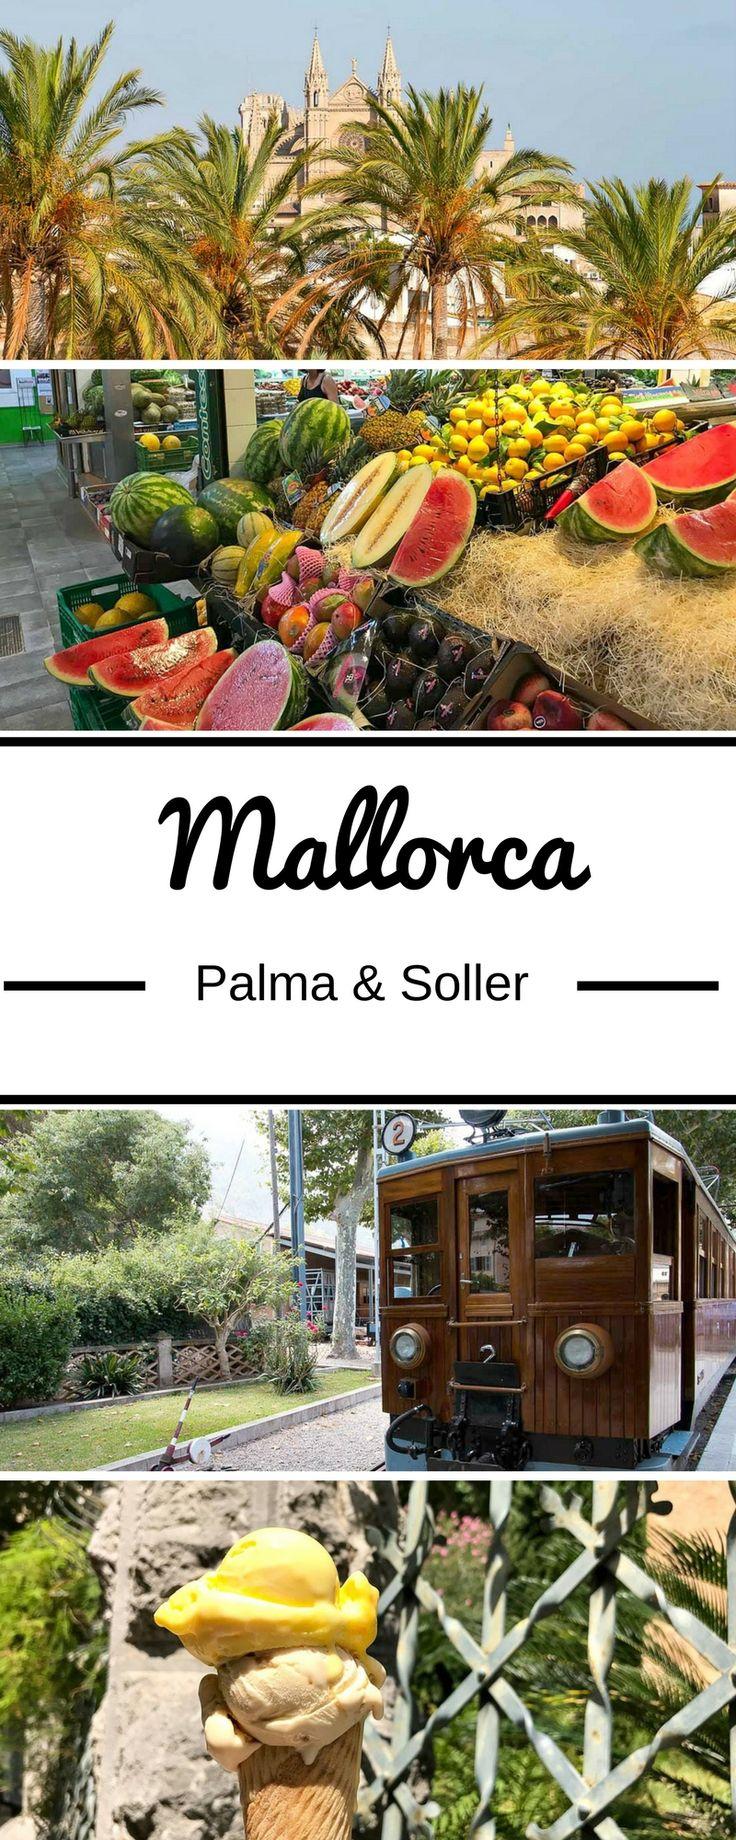 Denkst du bei Mallorca direkt an Ballermann und Partys? Ich erlebte die spanische Insel ganz anders: in Palma mit schönen Cafés und Markt, kleinen Gassen, bunten Häusern, einer tollen Strandbar sowie der historischen Eisenbahnfahrt nach Soller. Ich erzähle dir von meinem perfekten Tag zum Nacherleben.